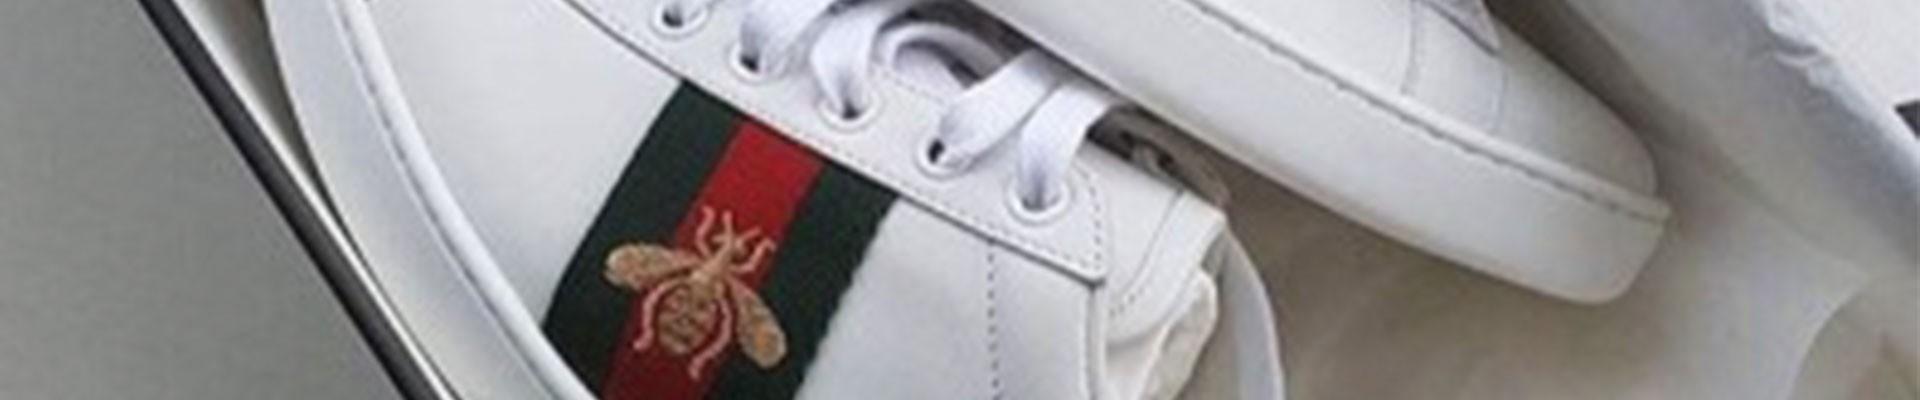 Gucci Ace por tan sólo 64,95€ y envío gratis - Calza Tendencias